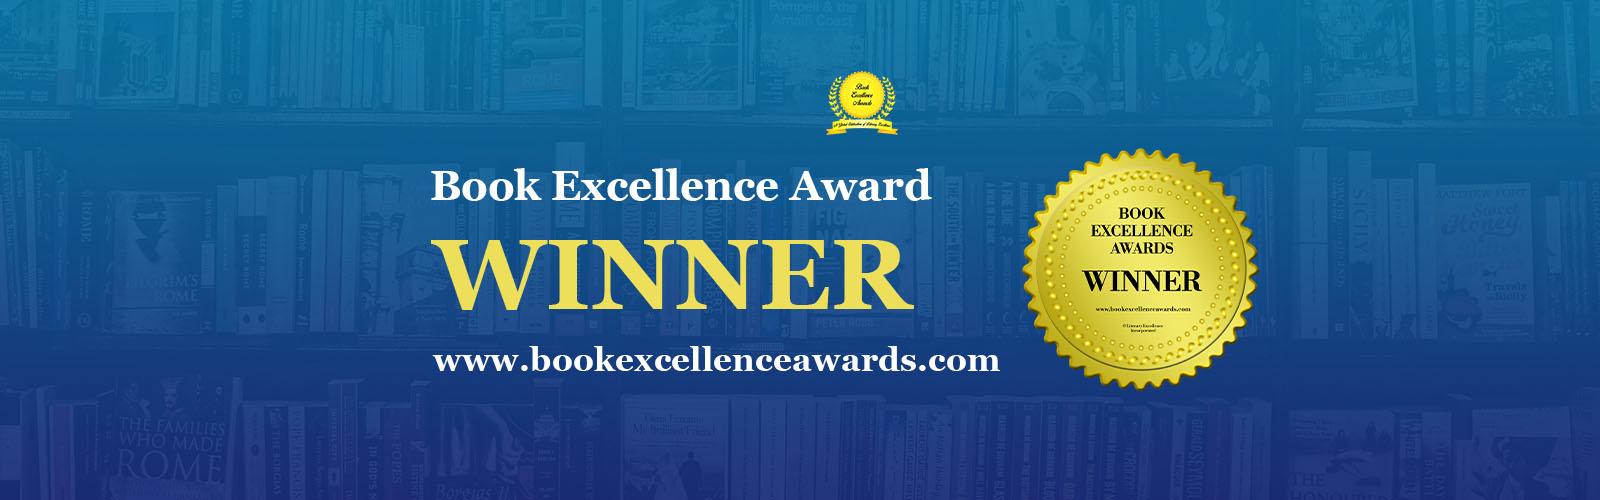 Book Excellence Awards